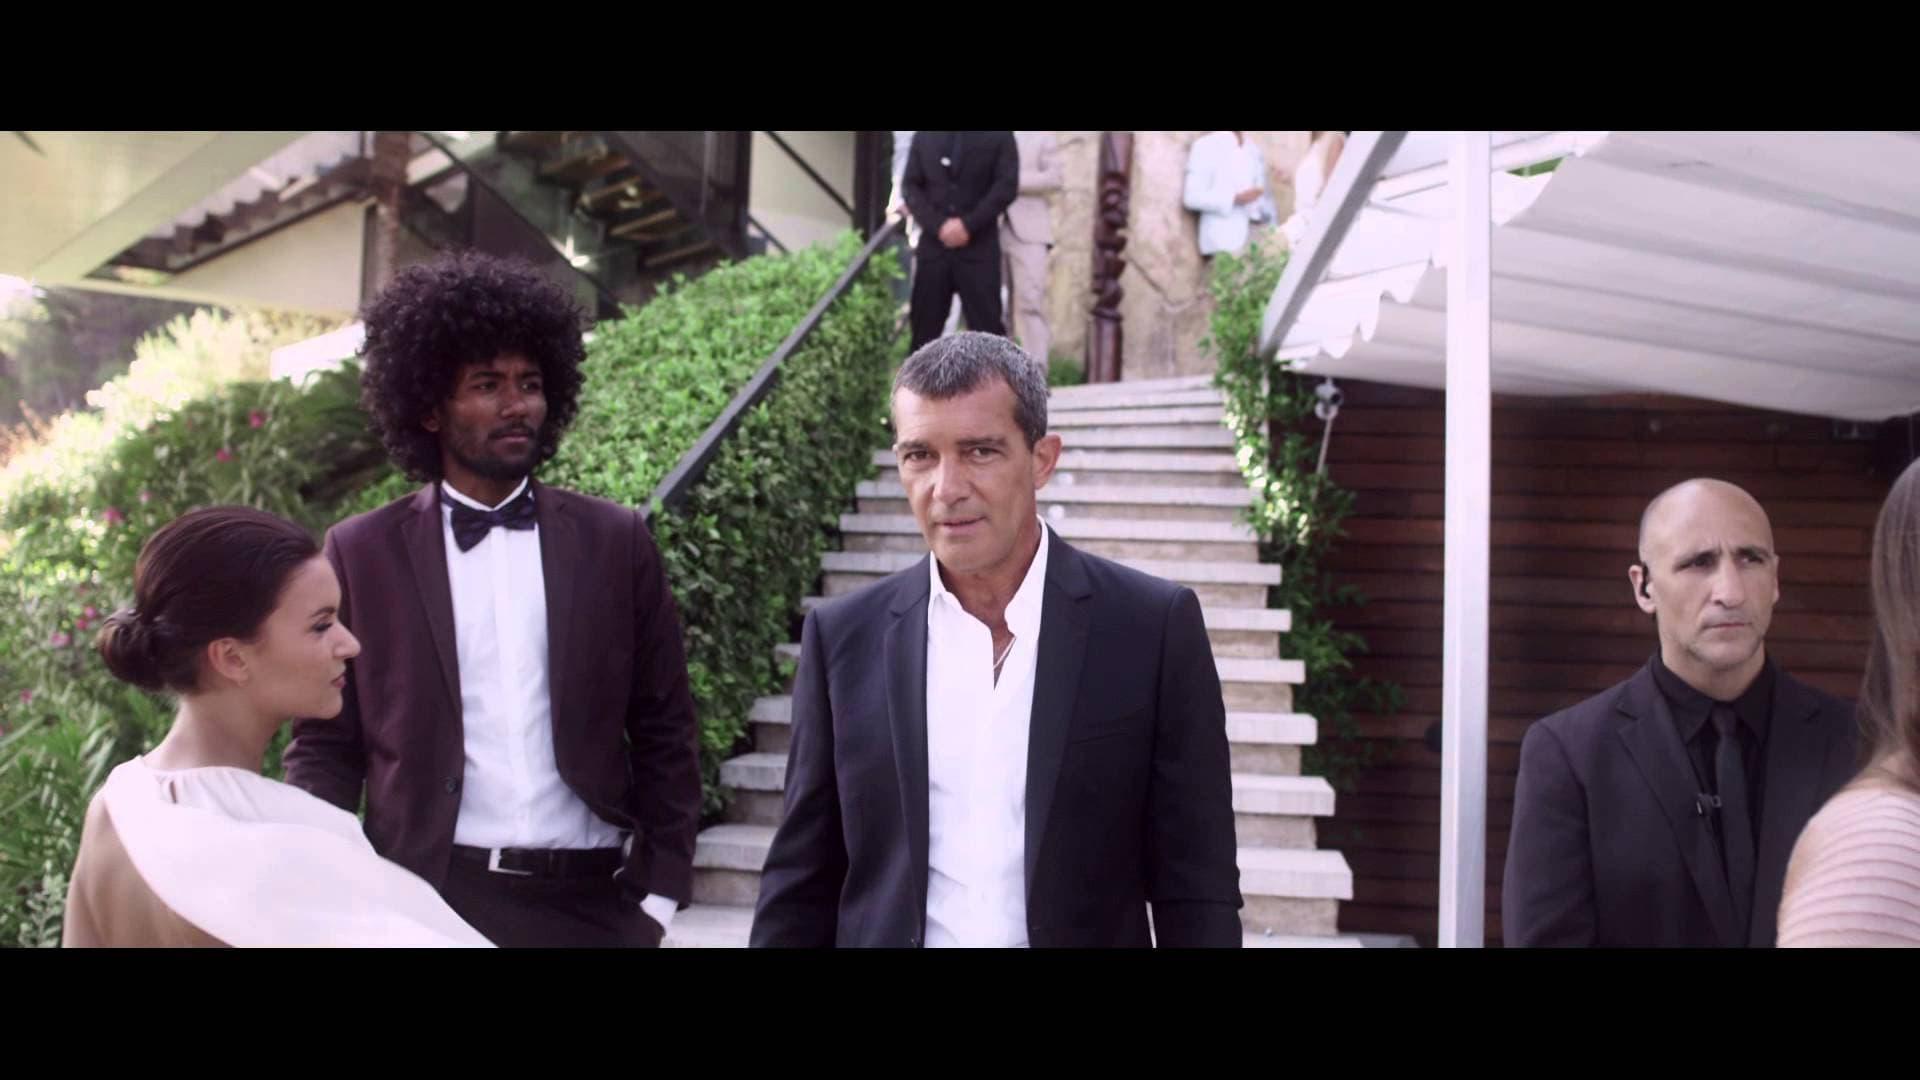 Antonio-Banderas-king-of-seduction-youtube